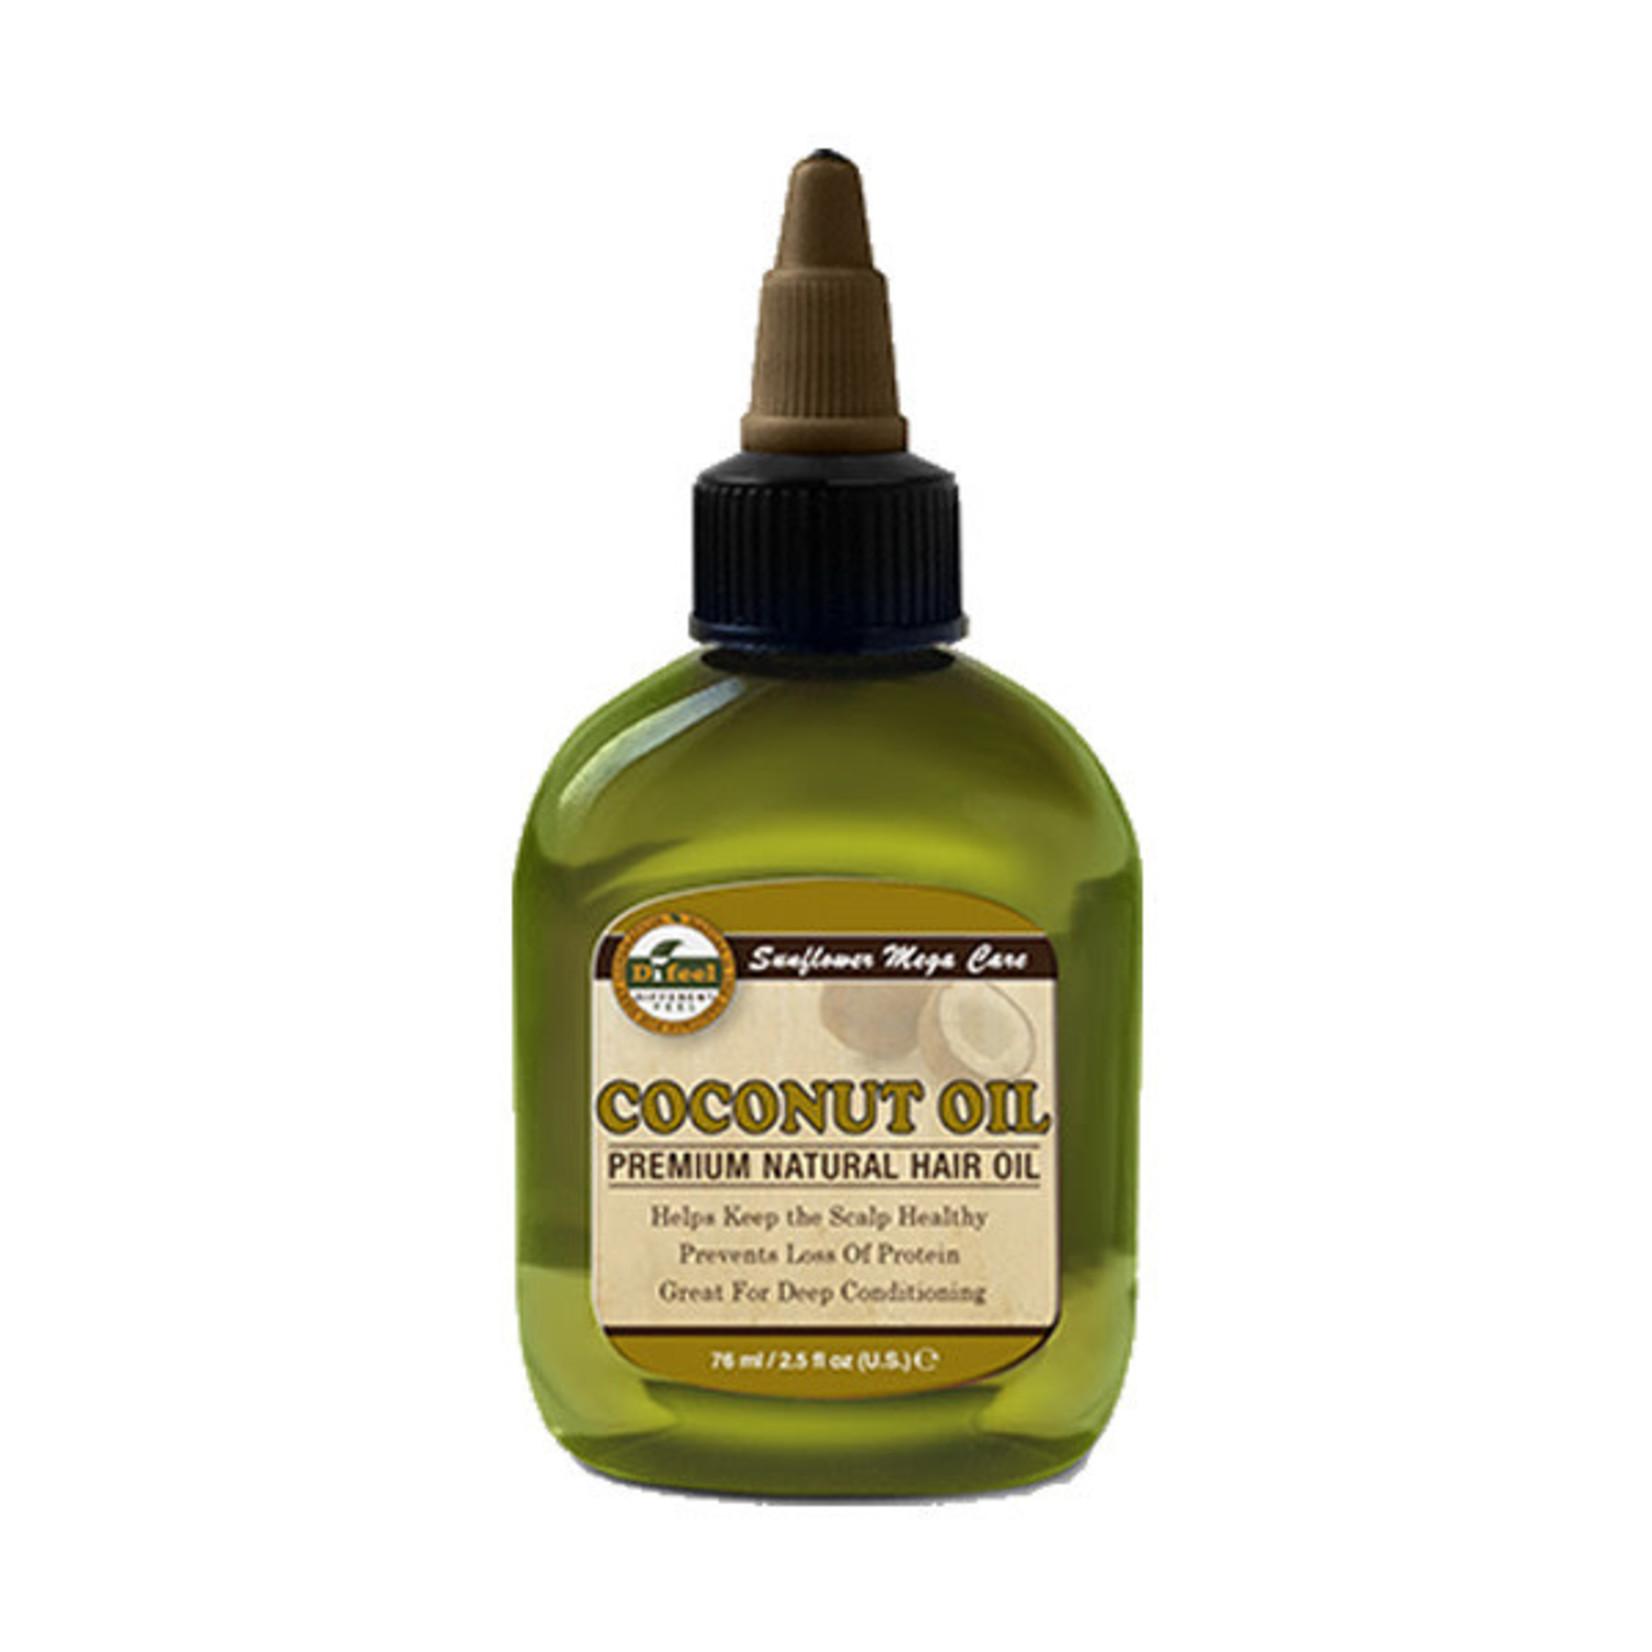 SUNFLOWER DIFEEL 99% NATURAL BLEND PREMIUM HAIR OIL [2.5OZ] - COCONUT OIL